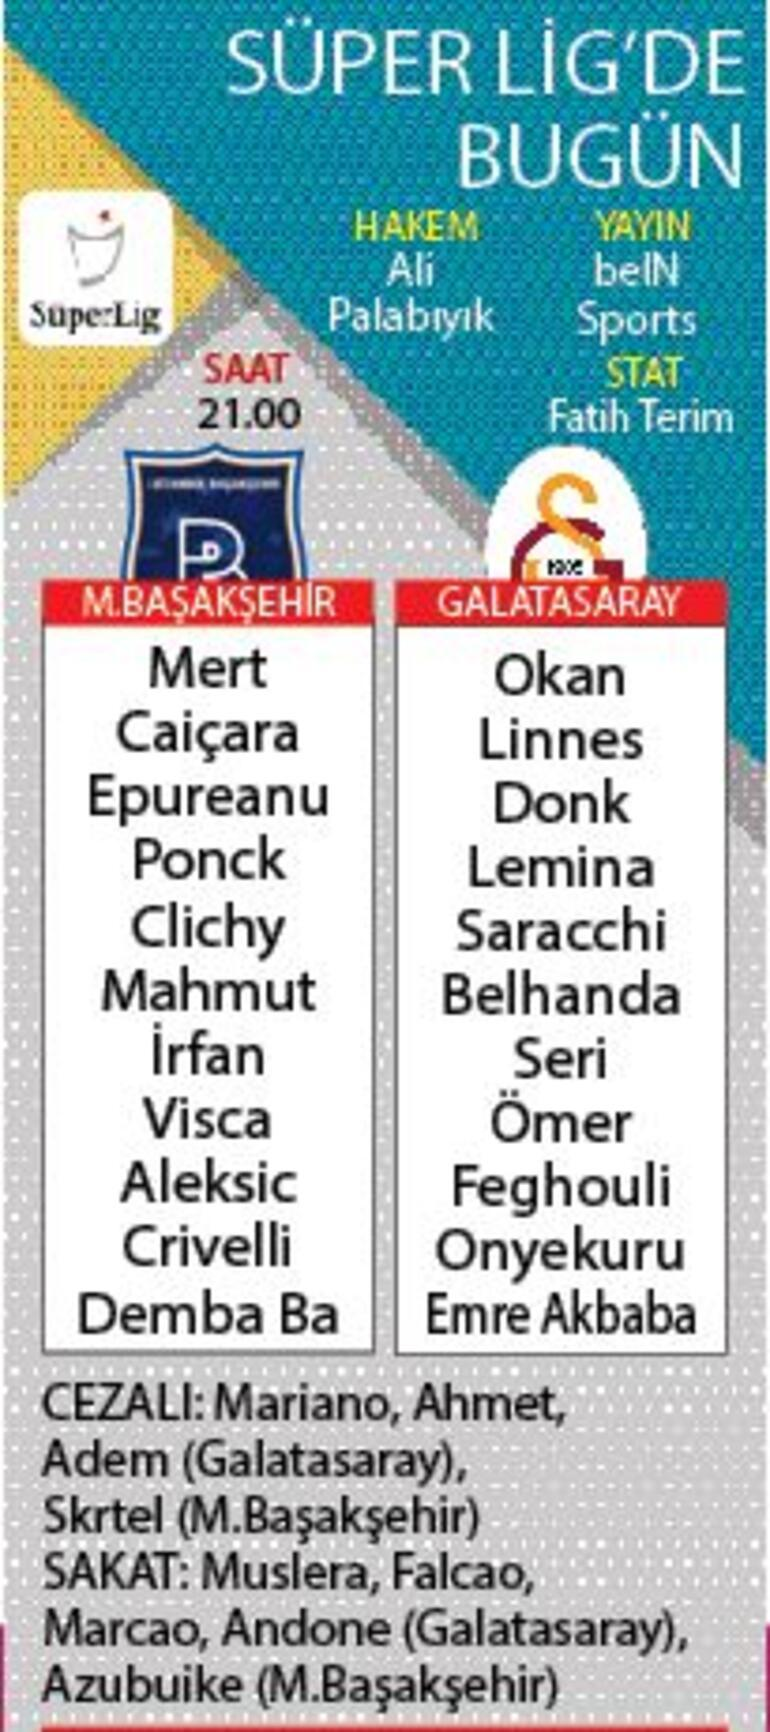 Zirvenin gözü bu maçta Başakşehir-Galatasaray